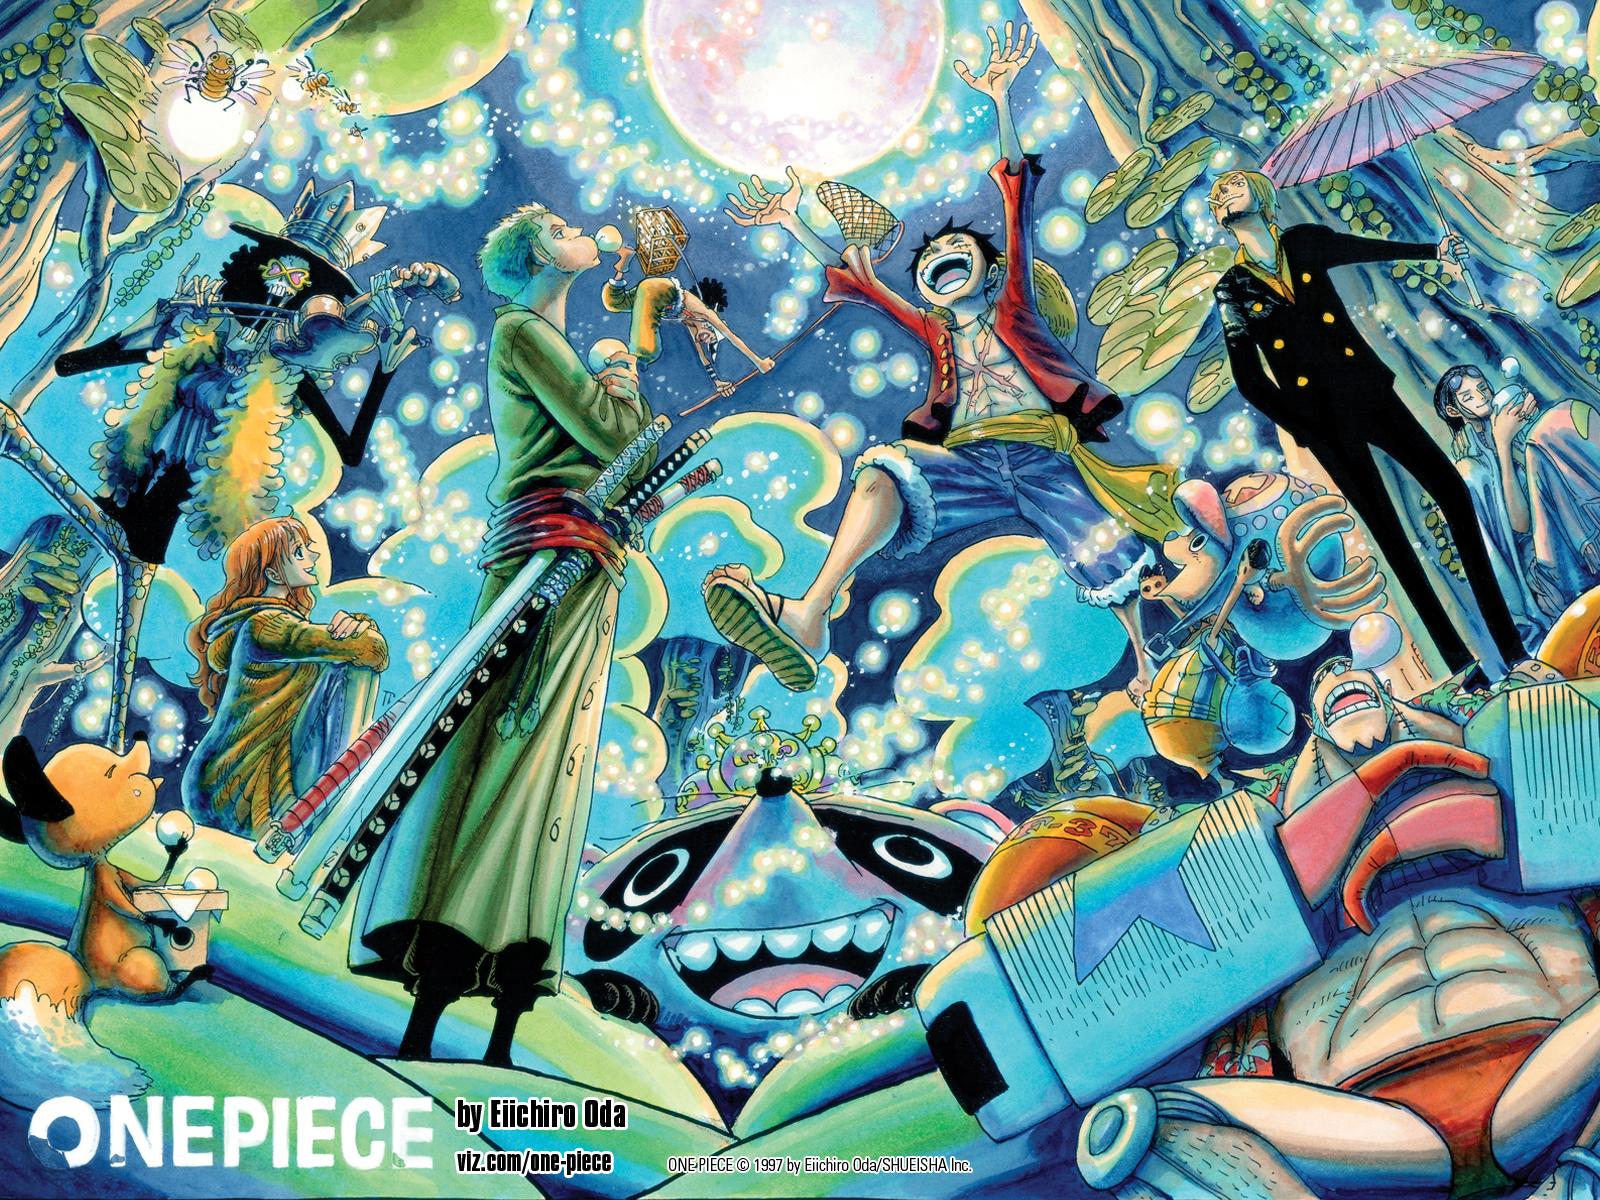 OnePiece2_Wallpaper_1600x1200.jpg